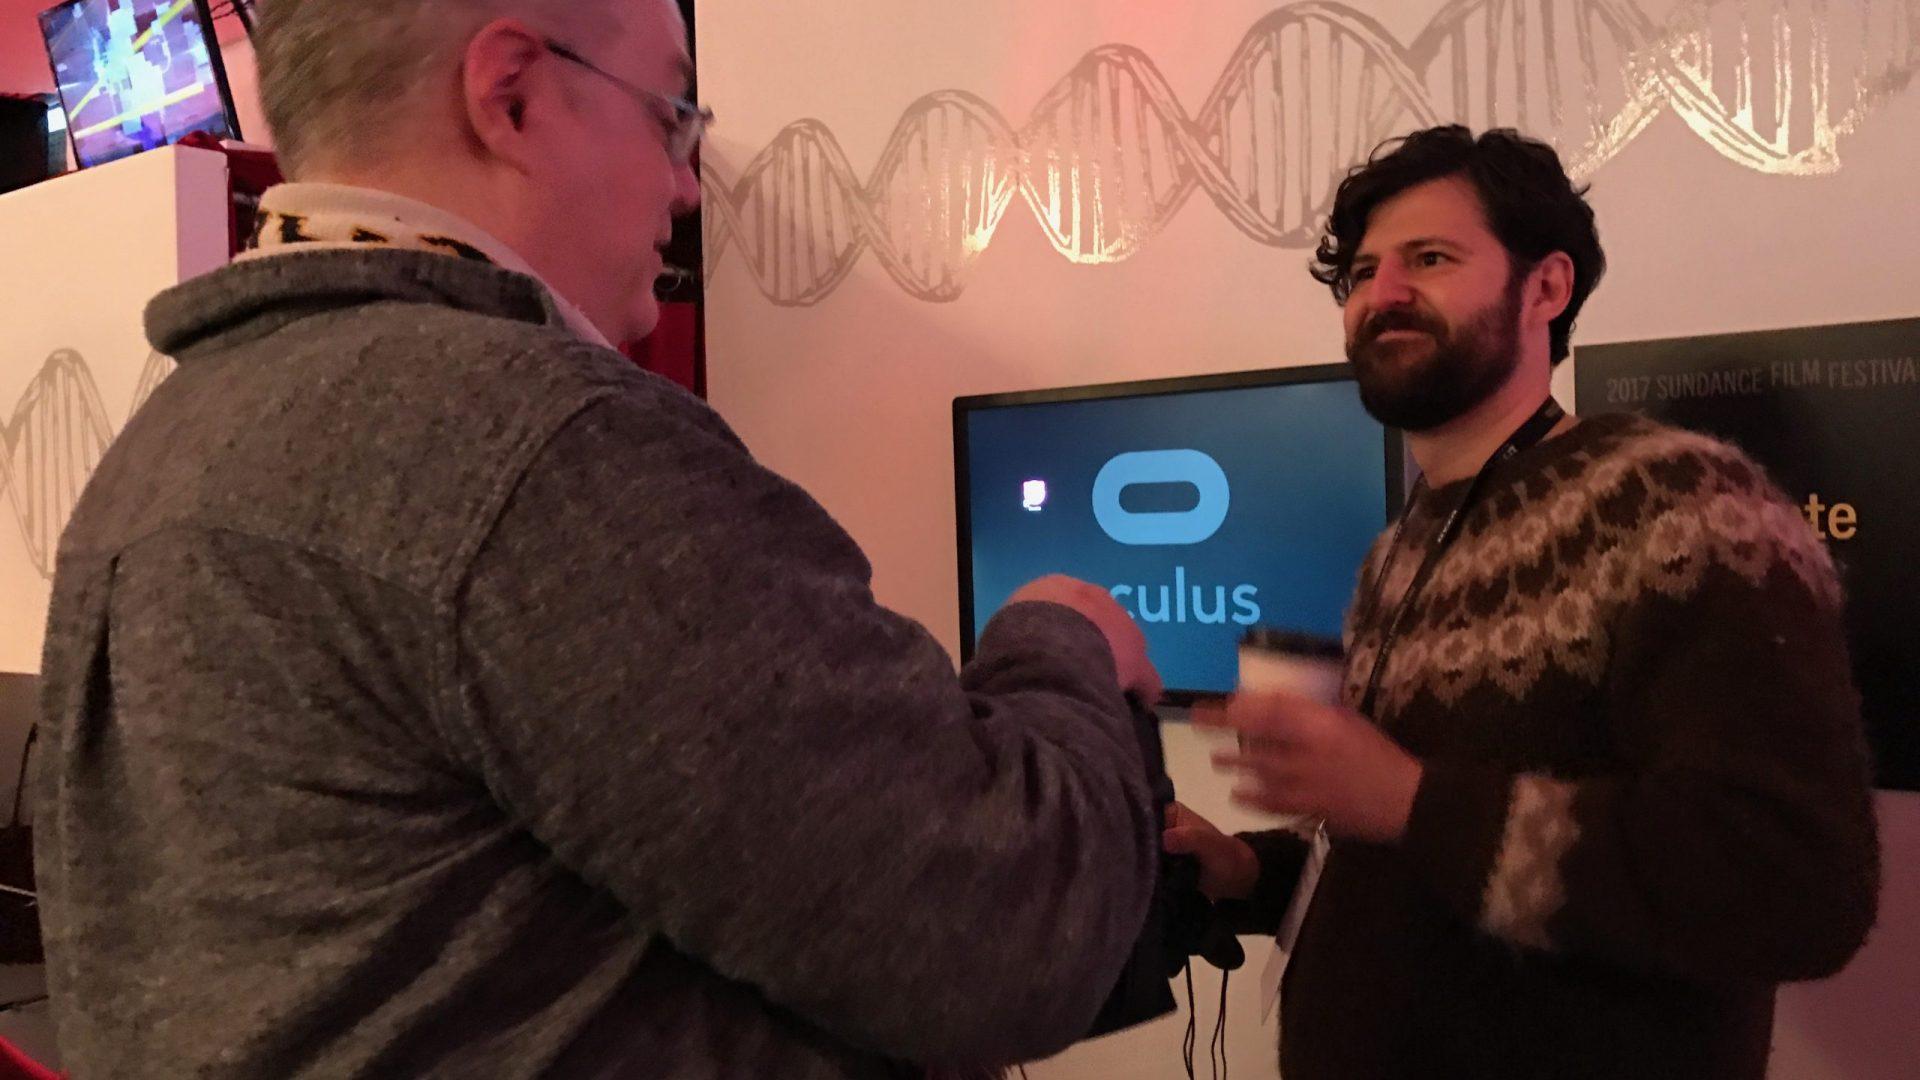 Tyler being interviewed at Sundance